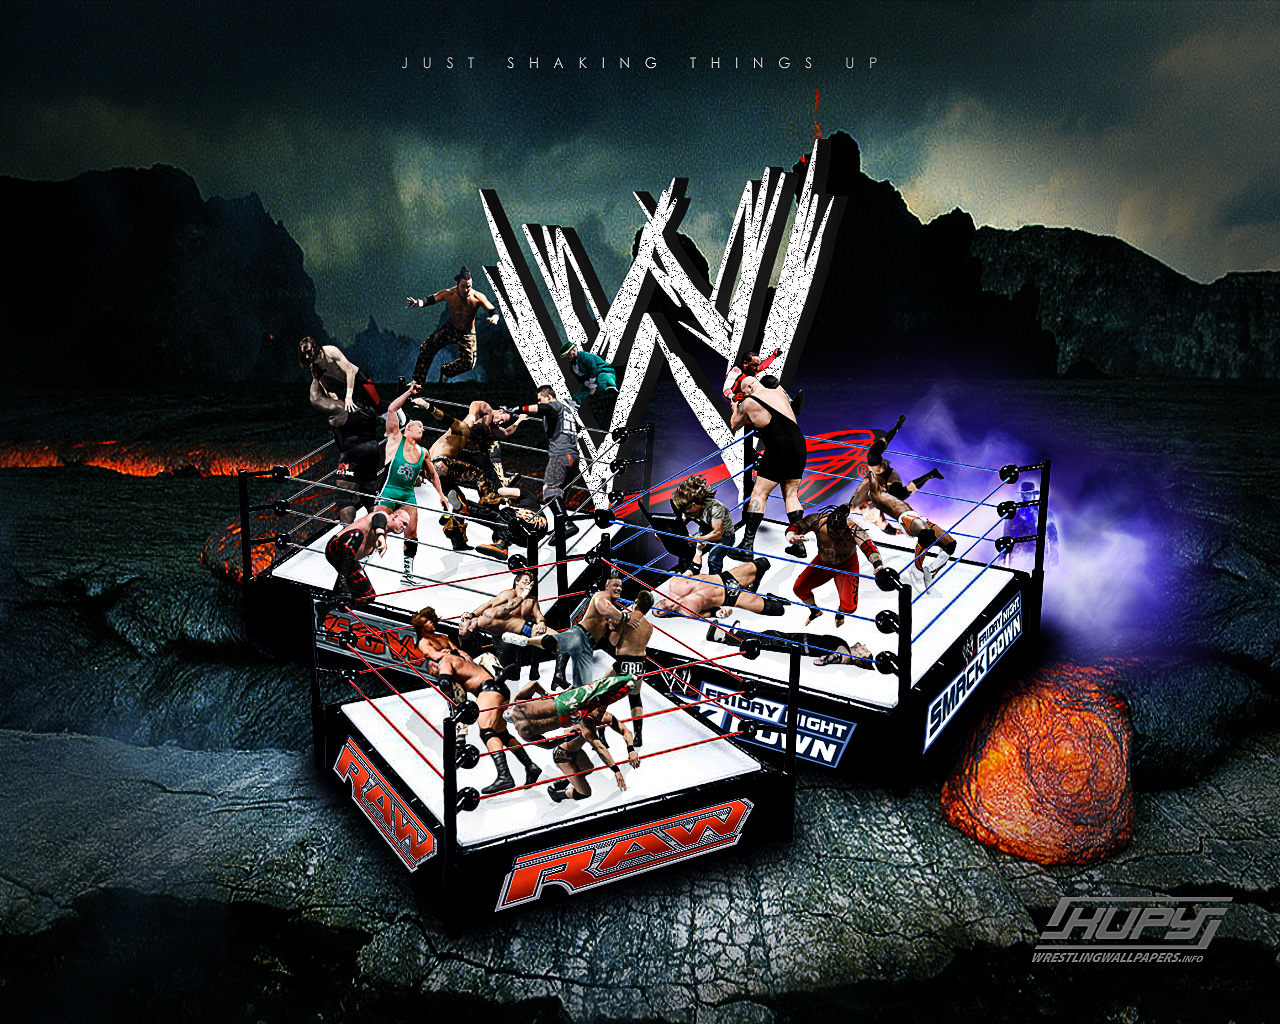 http://1.bp.blogspot.com/--vMZUApHjyg/UNgC2uITrvI/AAAAAAAACVQ/KXJwIE1jYCo/s1600/WWE-Wallpapers-10.jpg